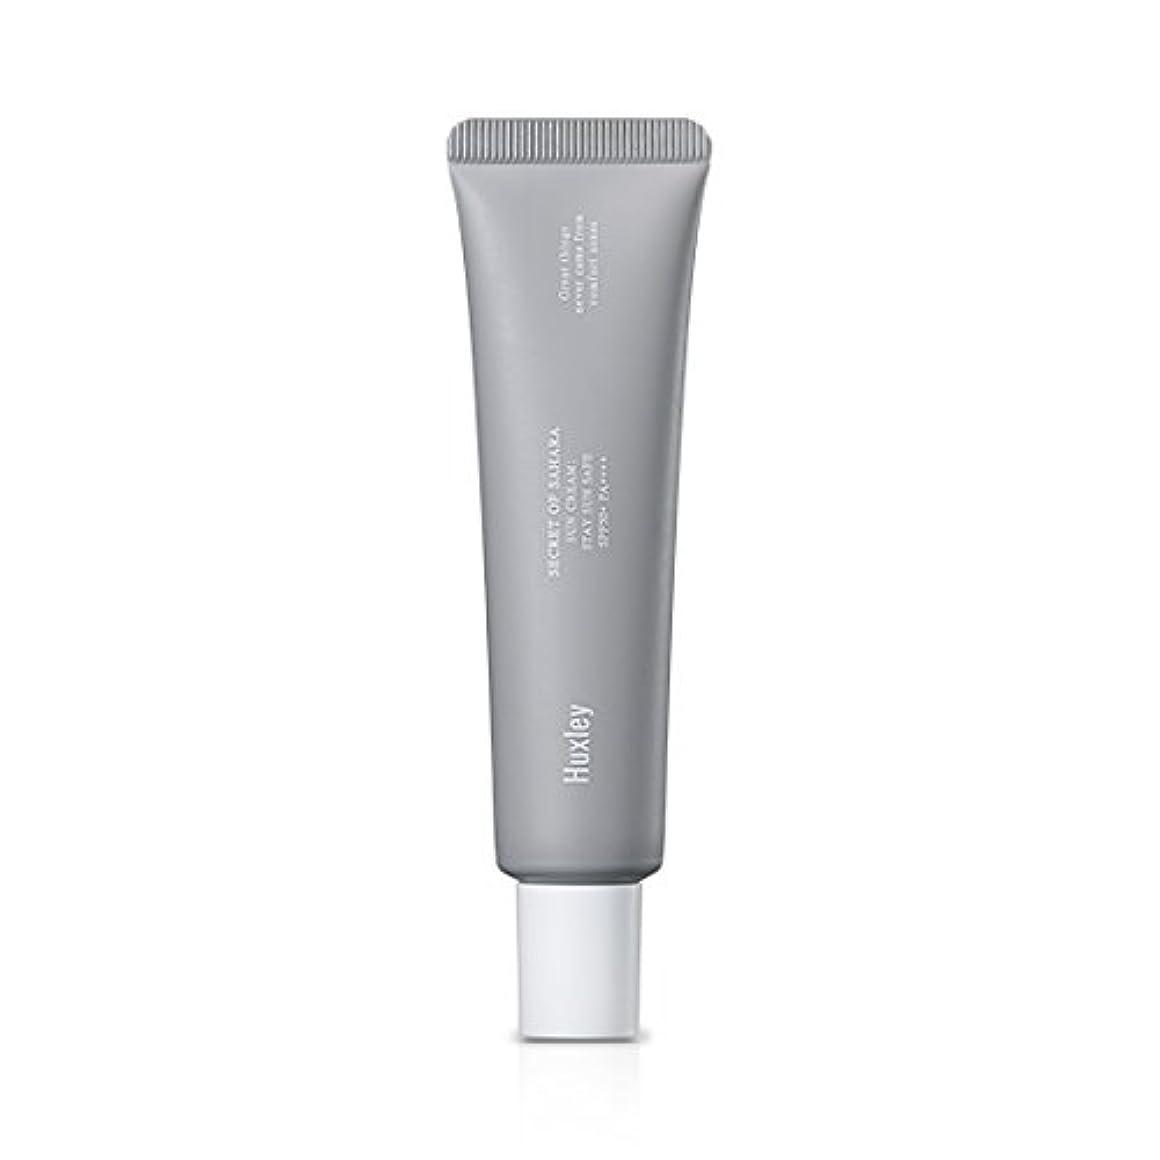 ポルノ省略する遅いHuxley Sun Cream;Stay Sun Safe 35ml (SPF50+ PA++++)/ハクスリー サンクリーム;ステイ サン セーフ 35ml (SPF50+ PA++++) [並行輸入品]